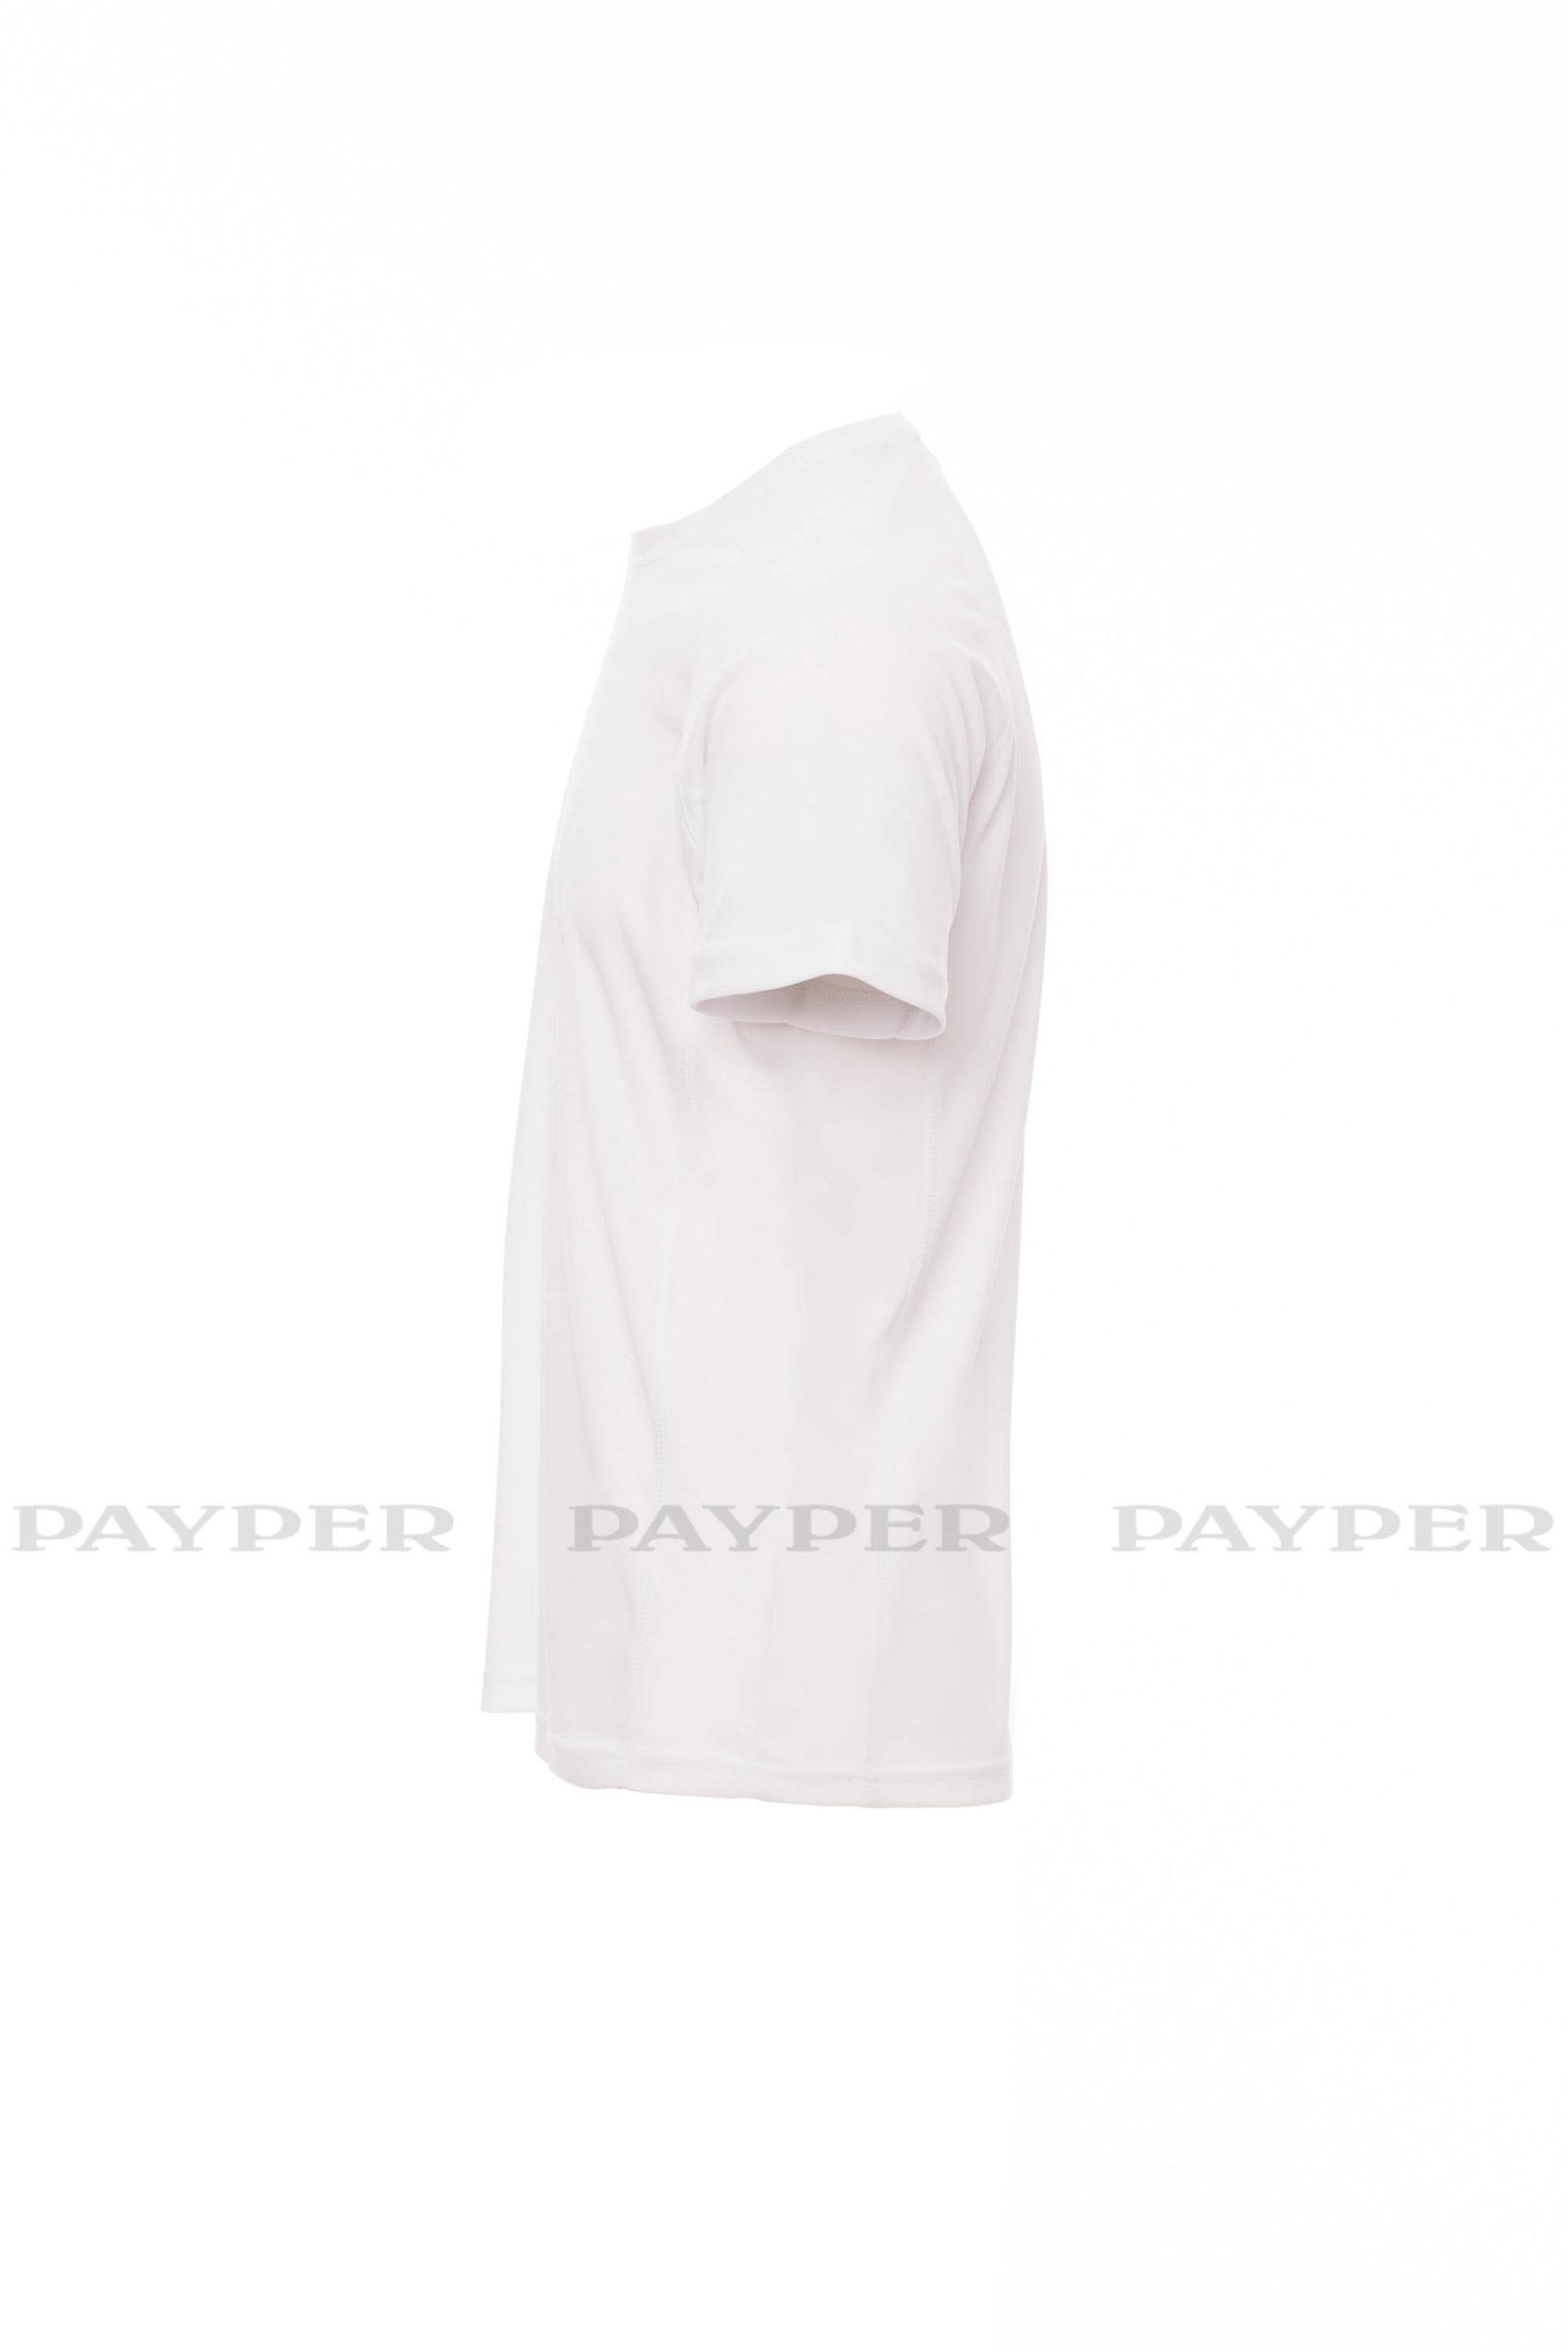 RUNNER_Tee-shirt homme technique-sportif, à manches raglan, double couture latérale gage de meilleure portabilité, ruban sur le col. Payper, 109 t-shirts, sport, polyester, dry tech